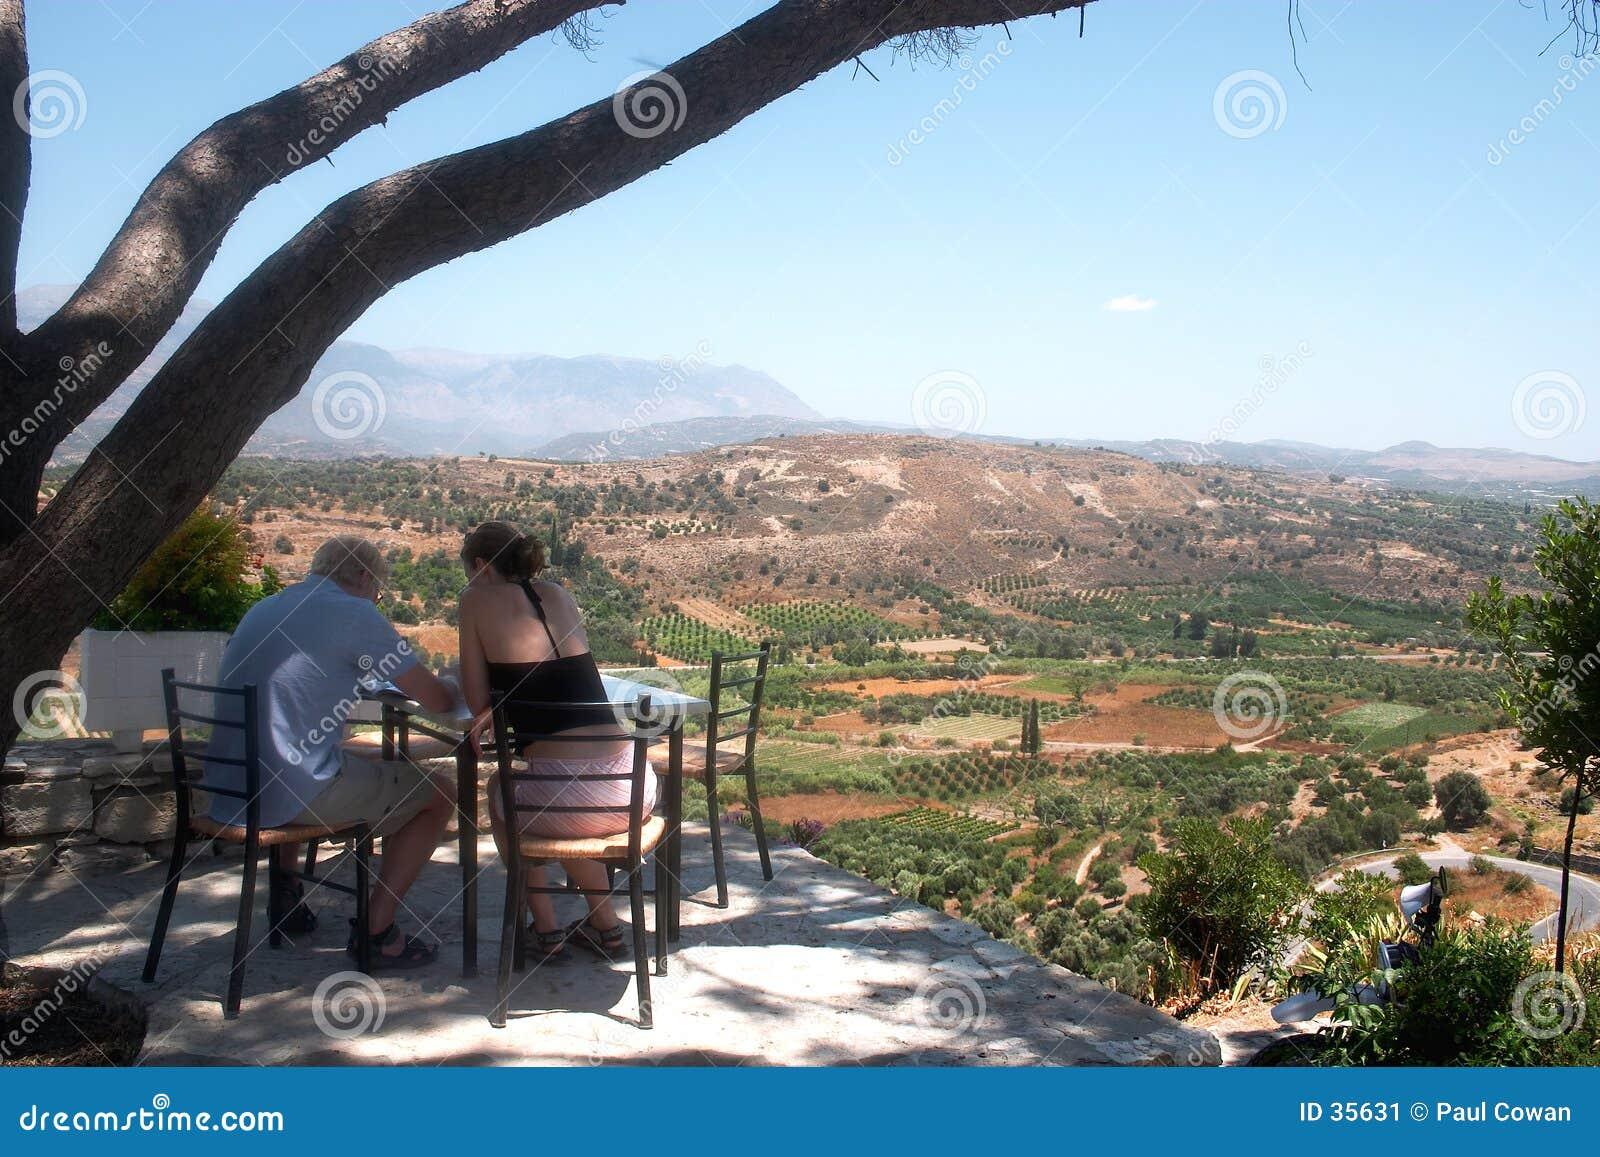 Download Vacaciones mediterráneas imagen de archivo. Imagen de llano - 35631